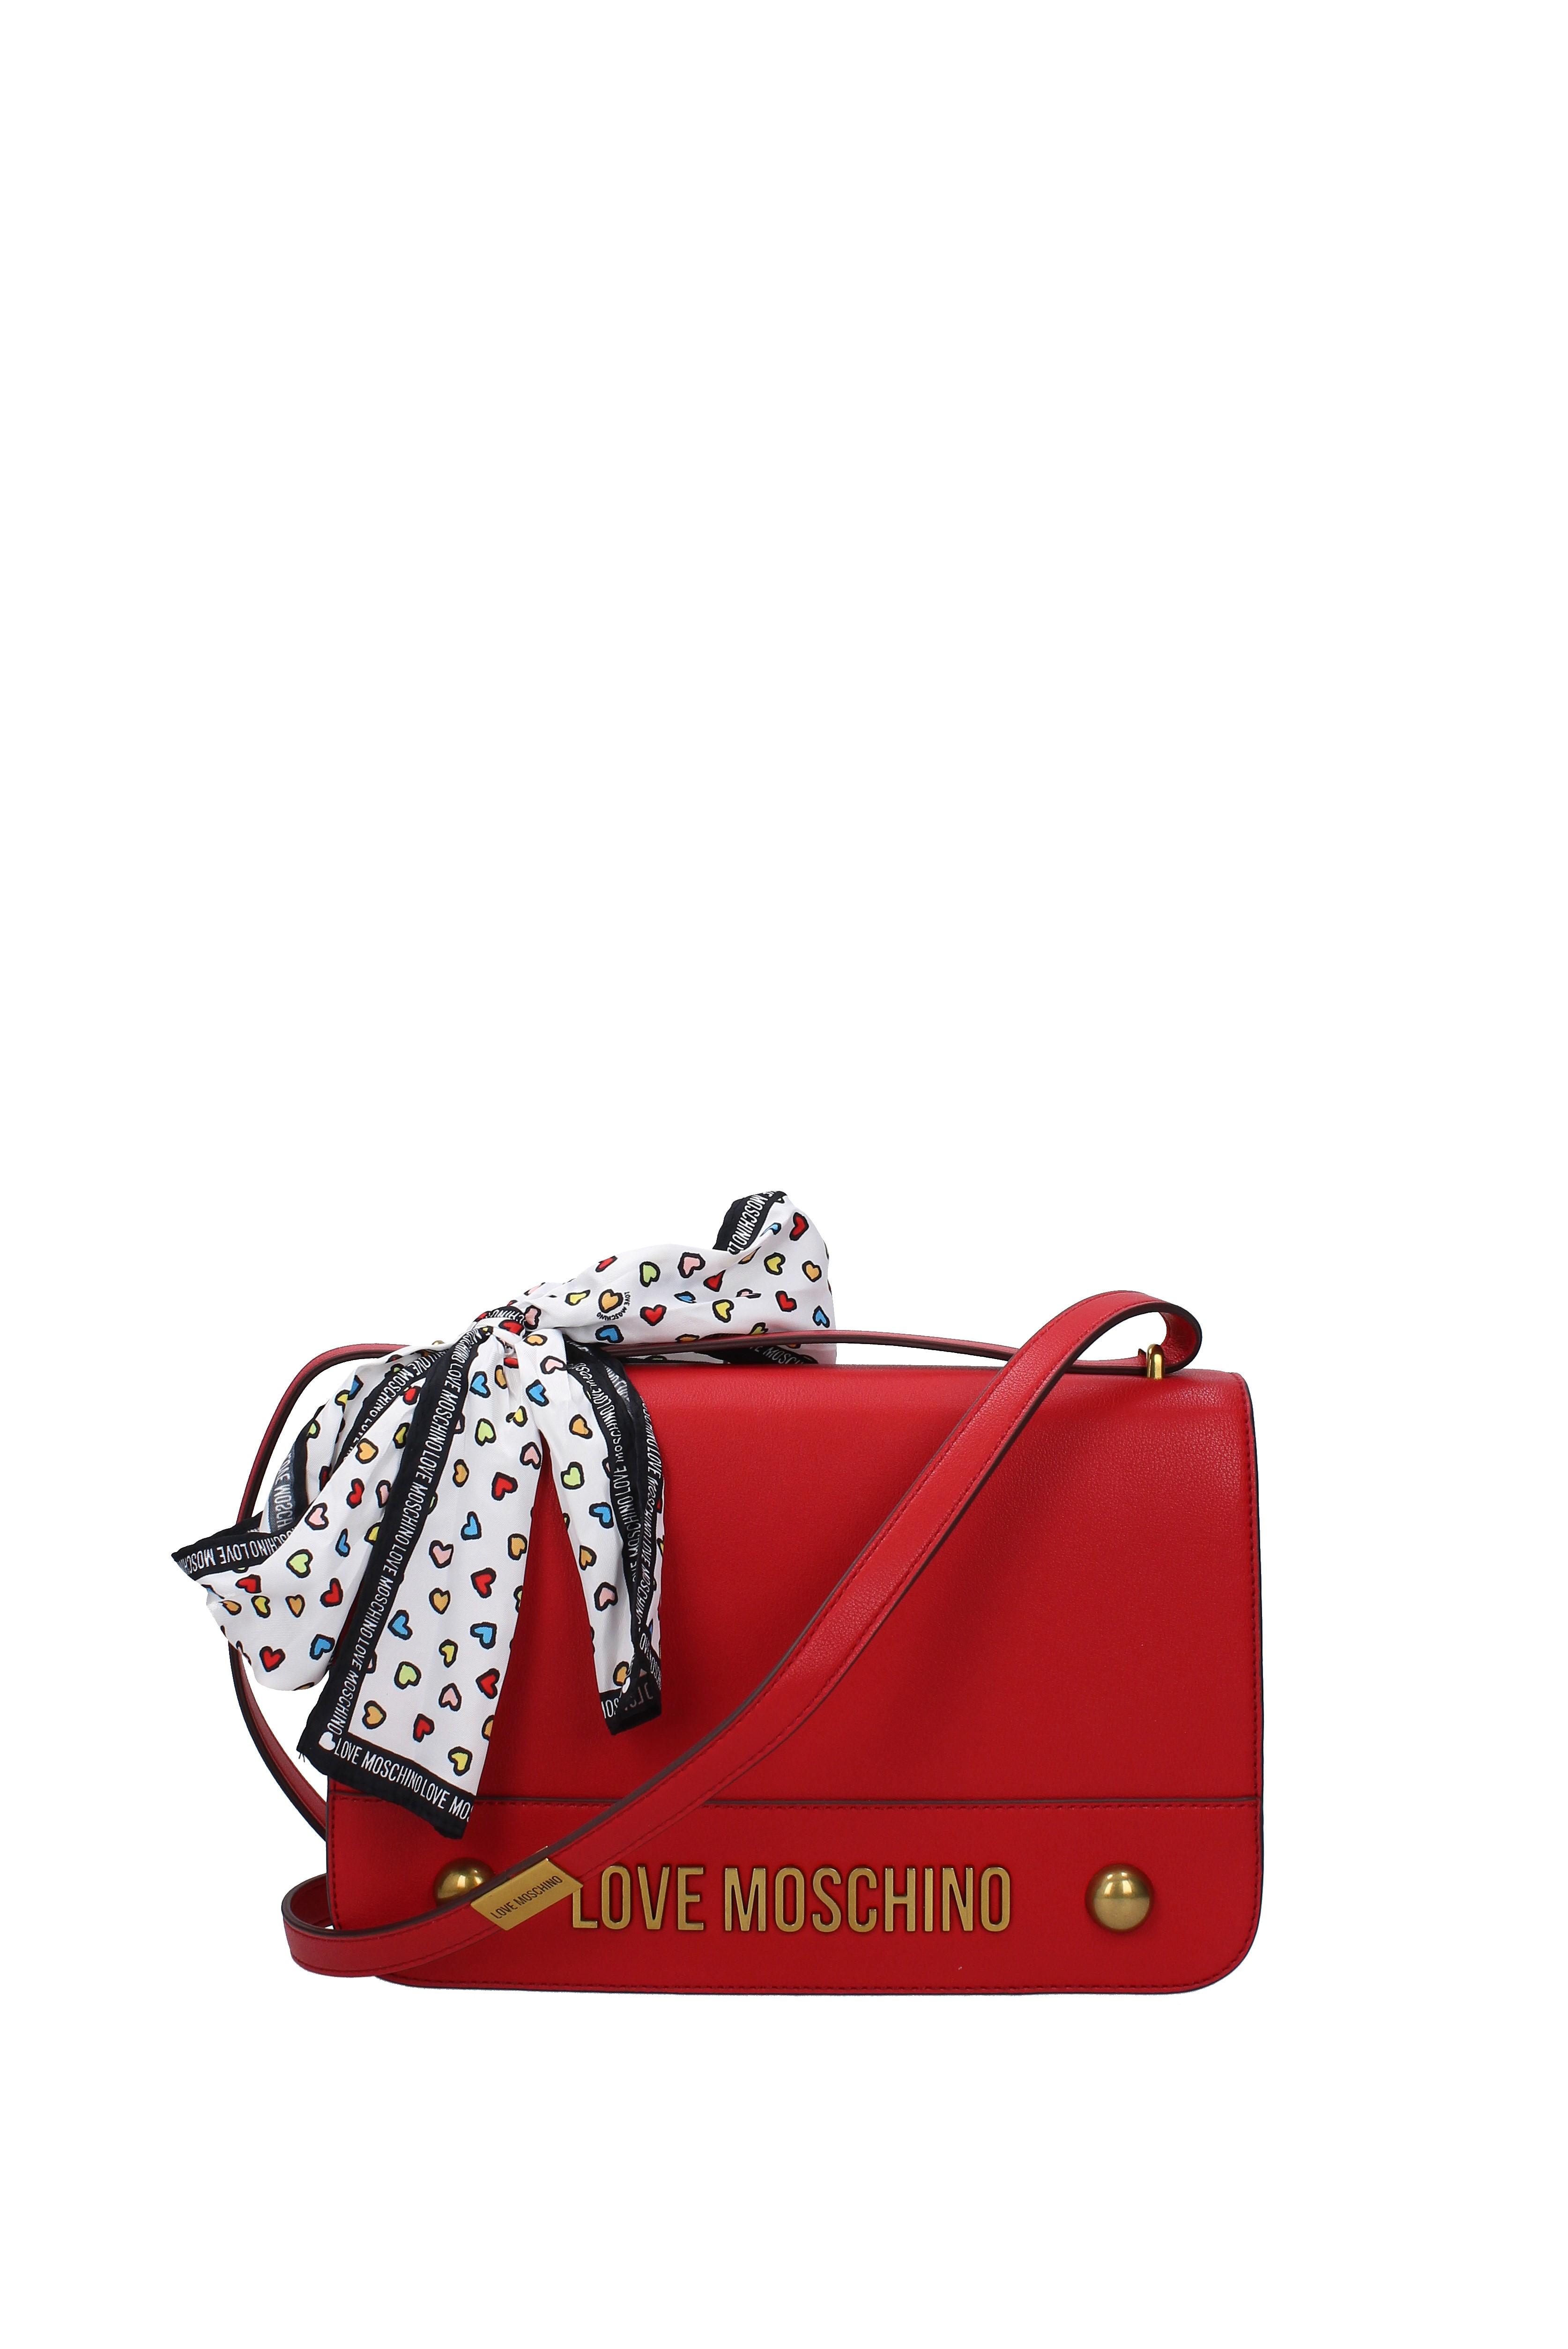 Moschino Borse jc4347pp05k60 Tracolla Love Donna A Poliuretano 1ttrz ... 54b2dc68b12